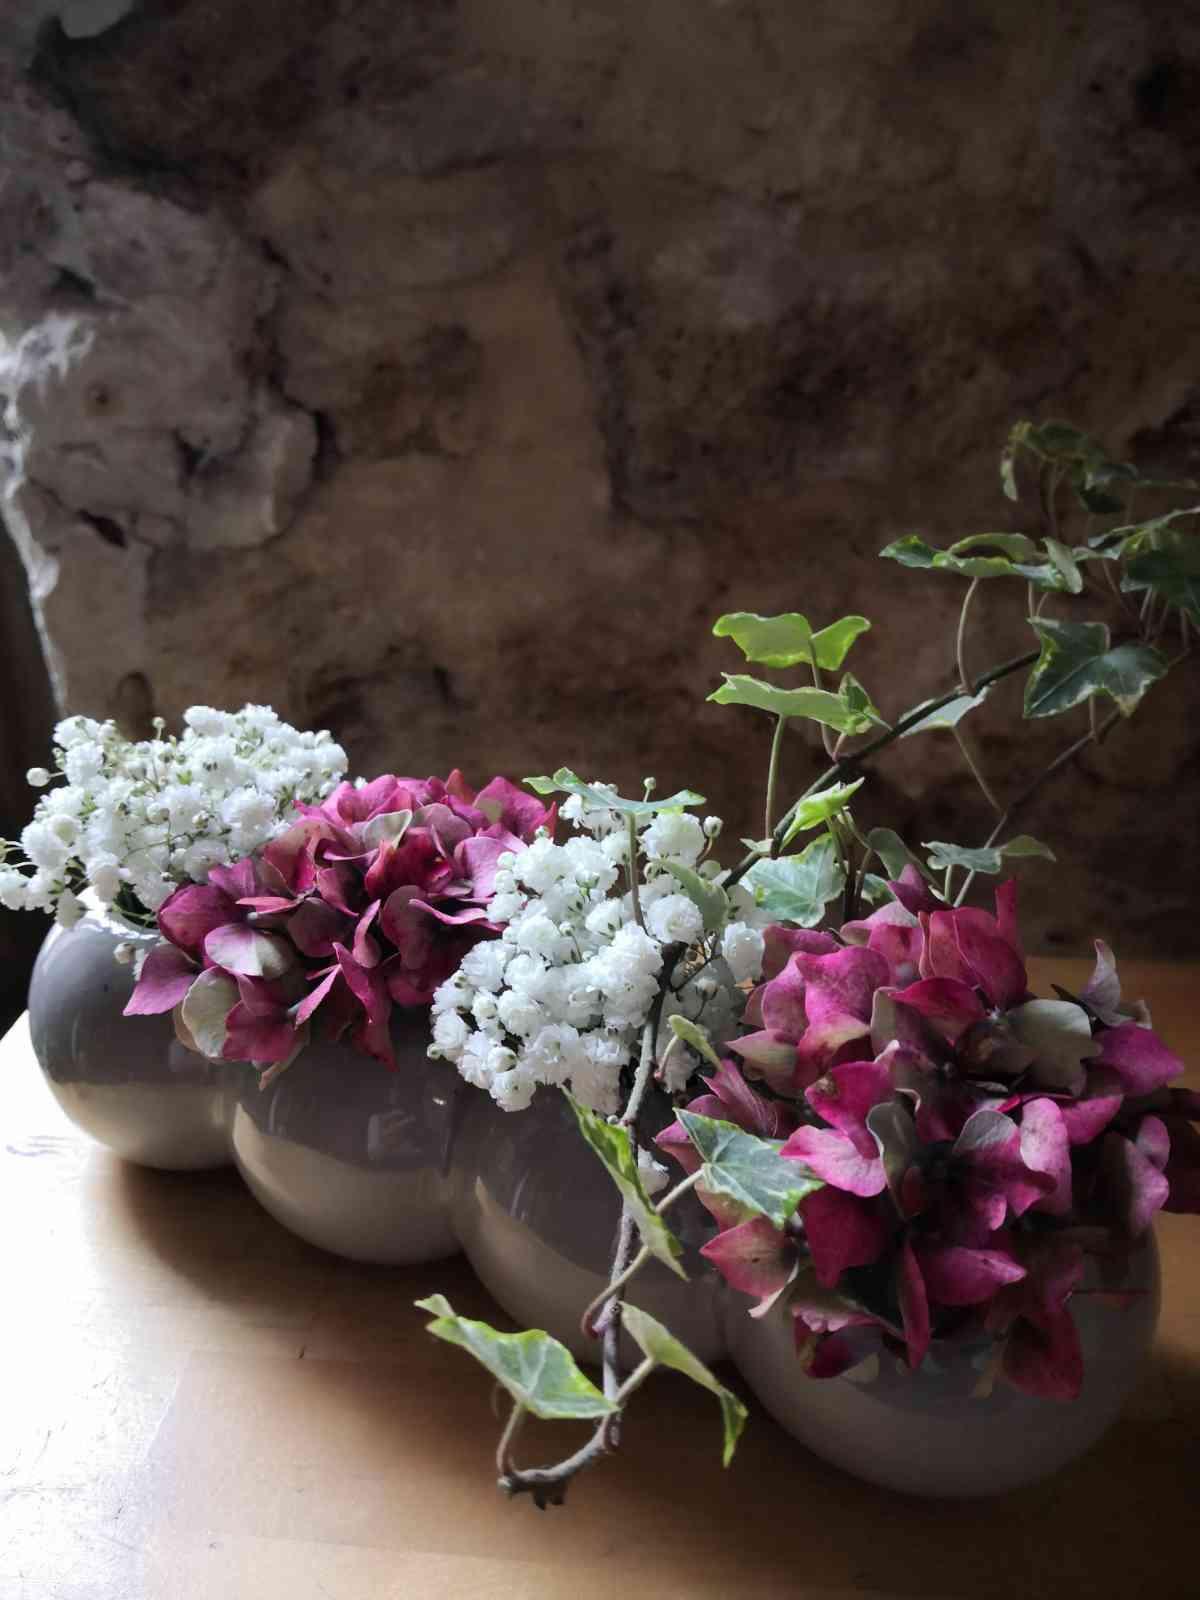 190 Décoration florale pour des évènements (mariage, anniversaire, etc.) | Aux Quatre Saisons à Boissy-Saint-Léger